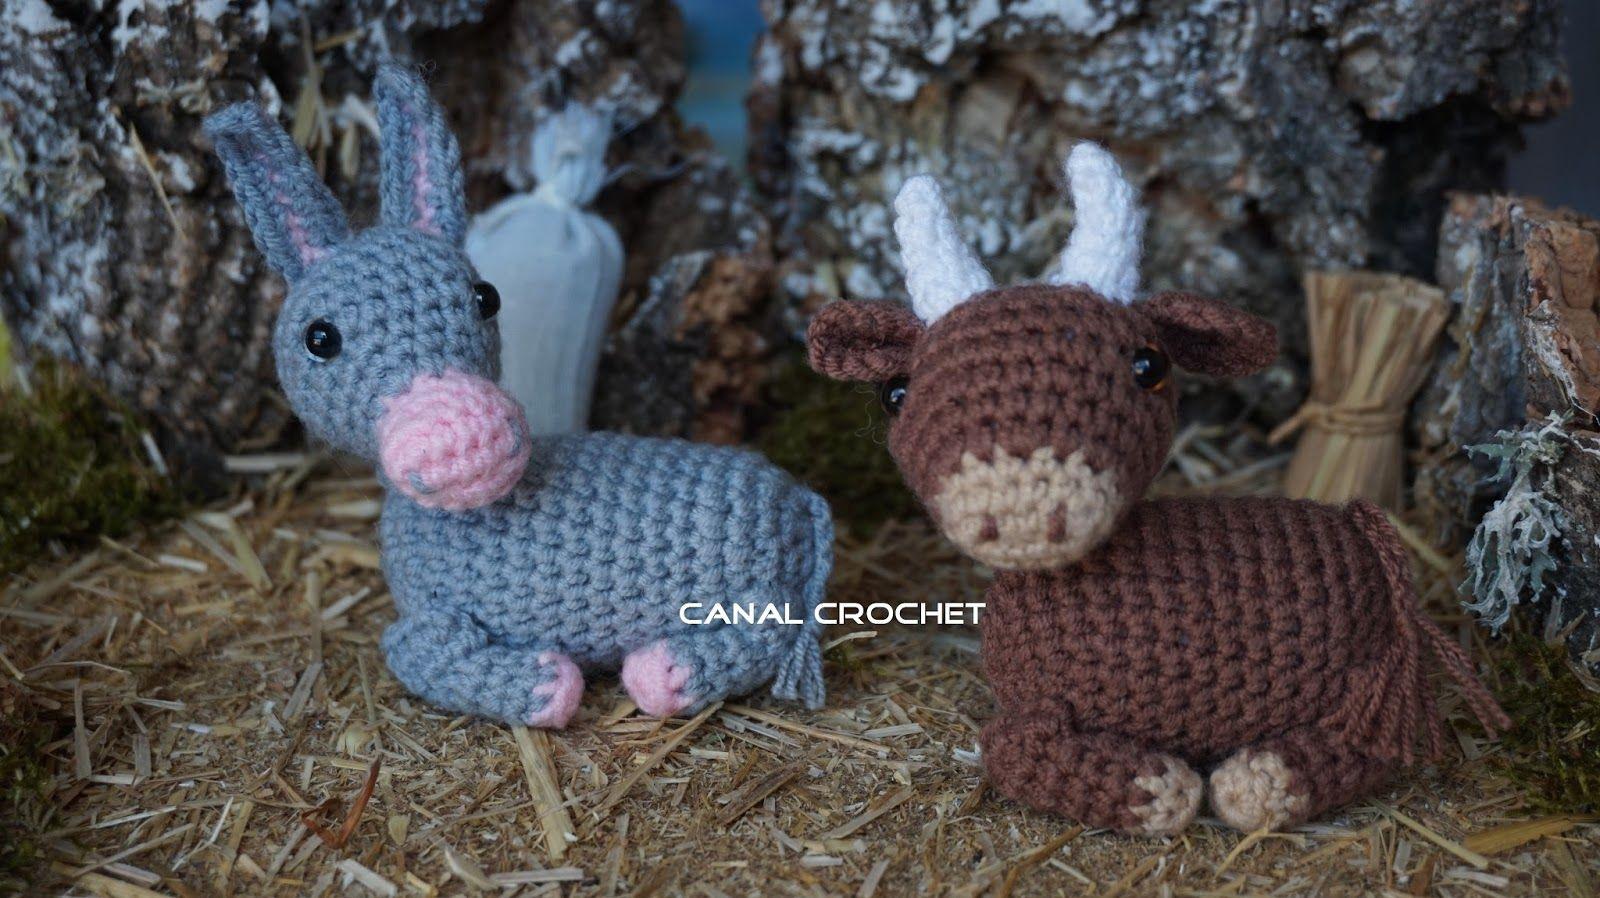 Amigurumi Navidad Nacimiento : Canal crochet buey y mula amigurumi patrón libre idee natale